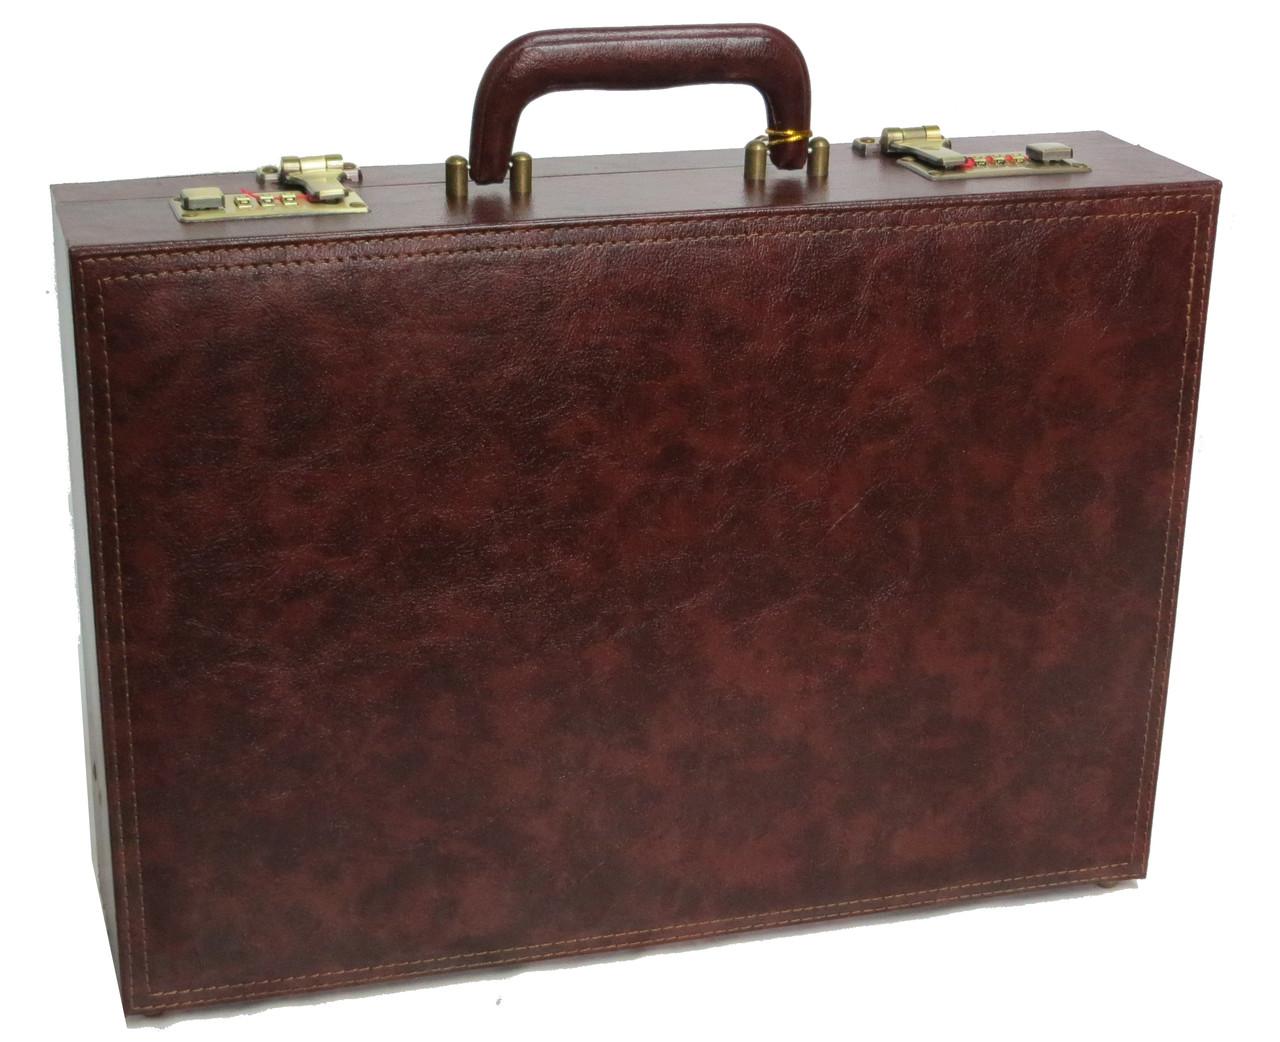 Мужской дипломат-кейс из искусственной кожи 4U Cavaldi коричневый A2101MA